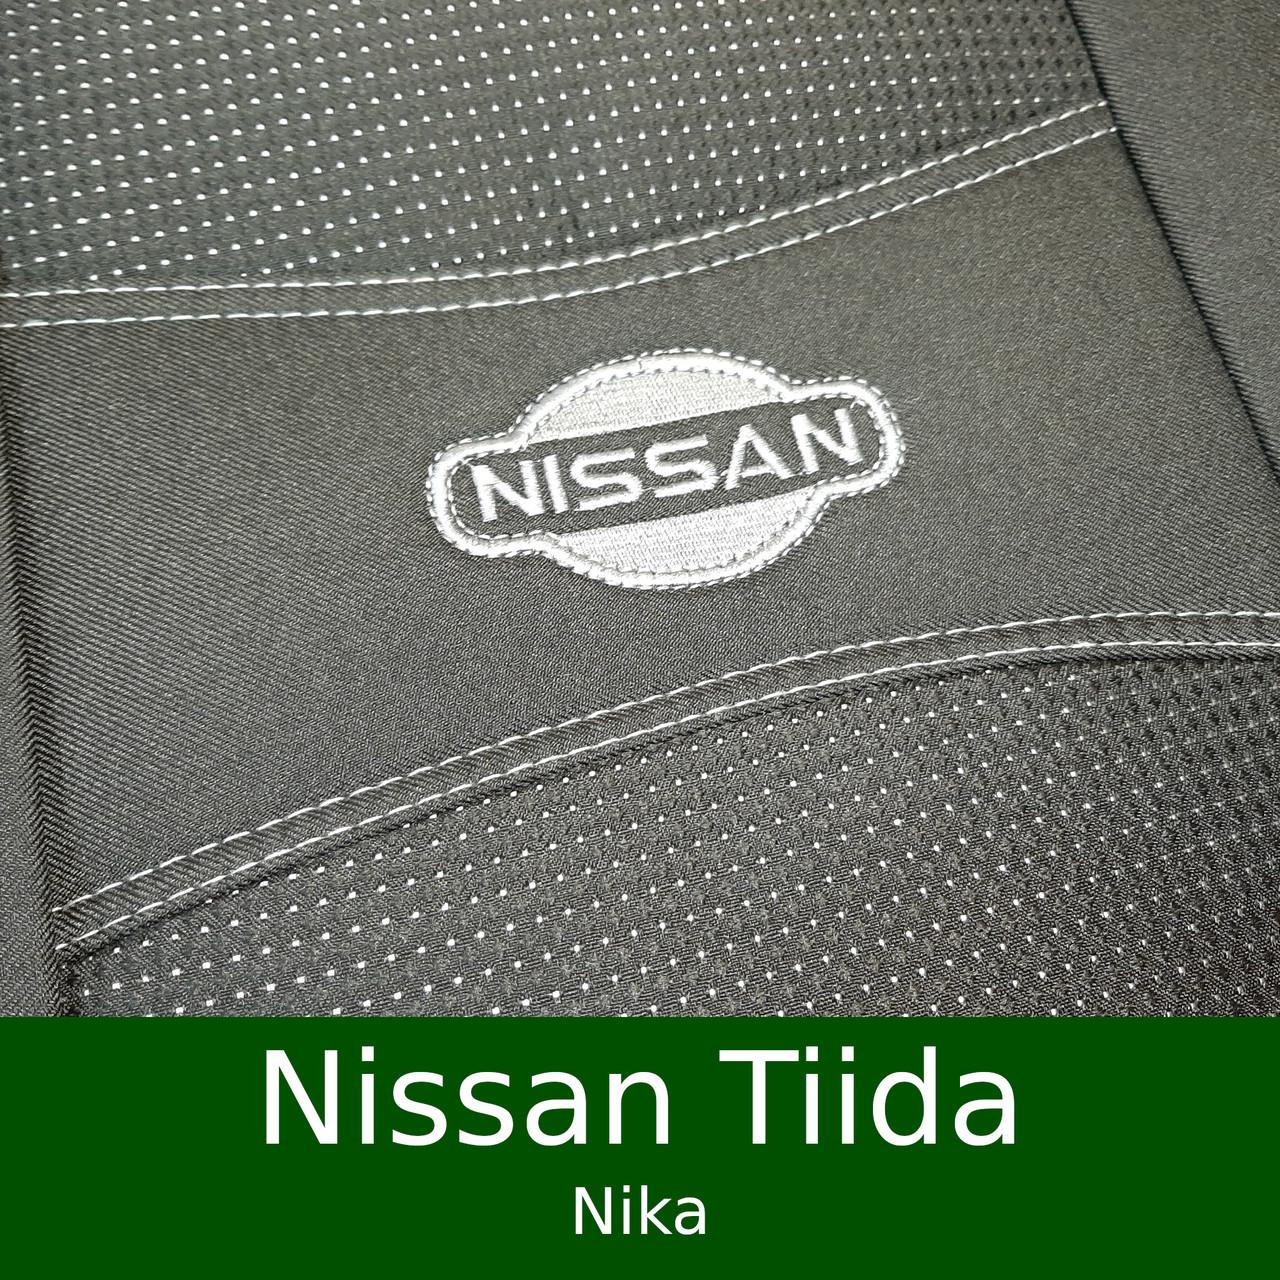 Чехлы на сиденья Nissan Tiida (sedan) 2004-2012 / авто чехлы Ниссан Тиида (Nika)